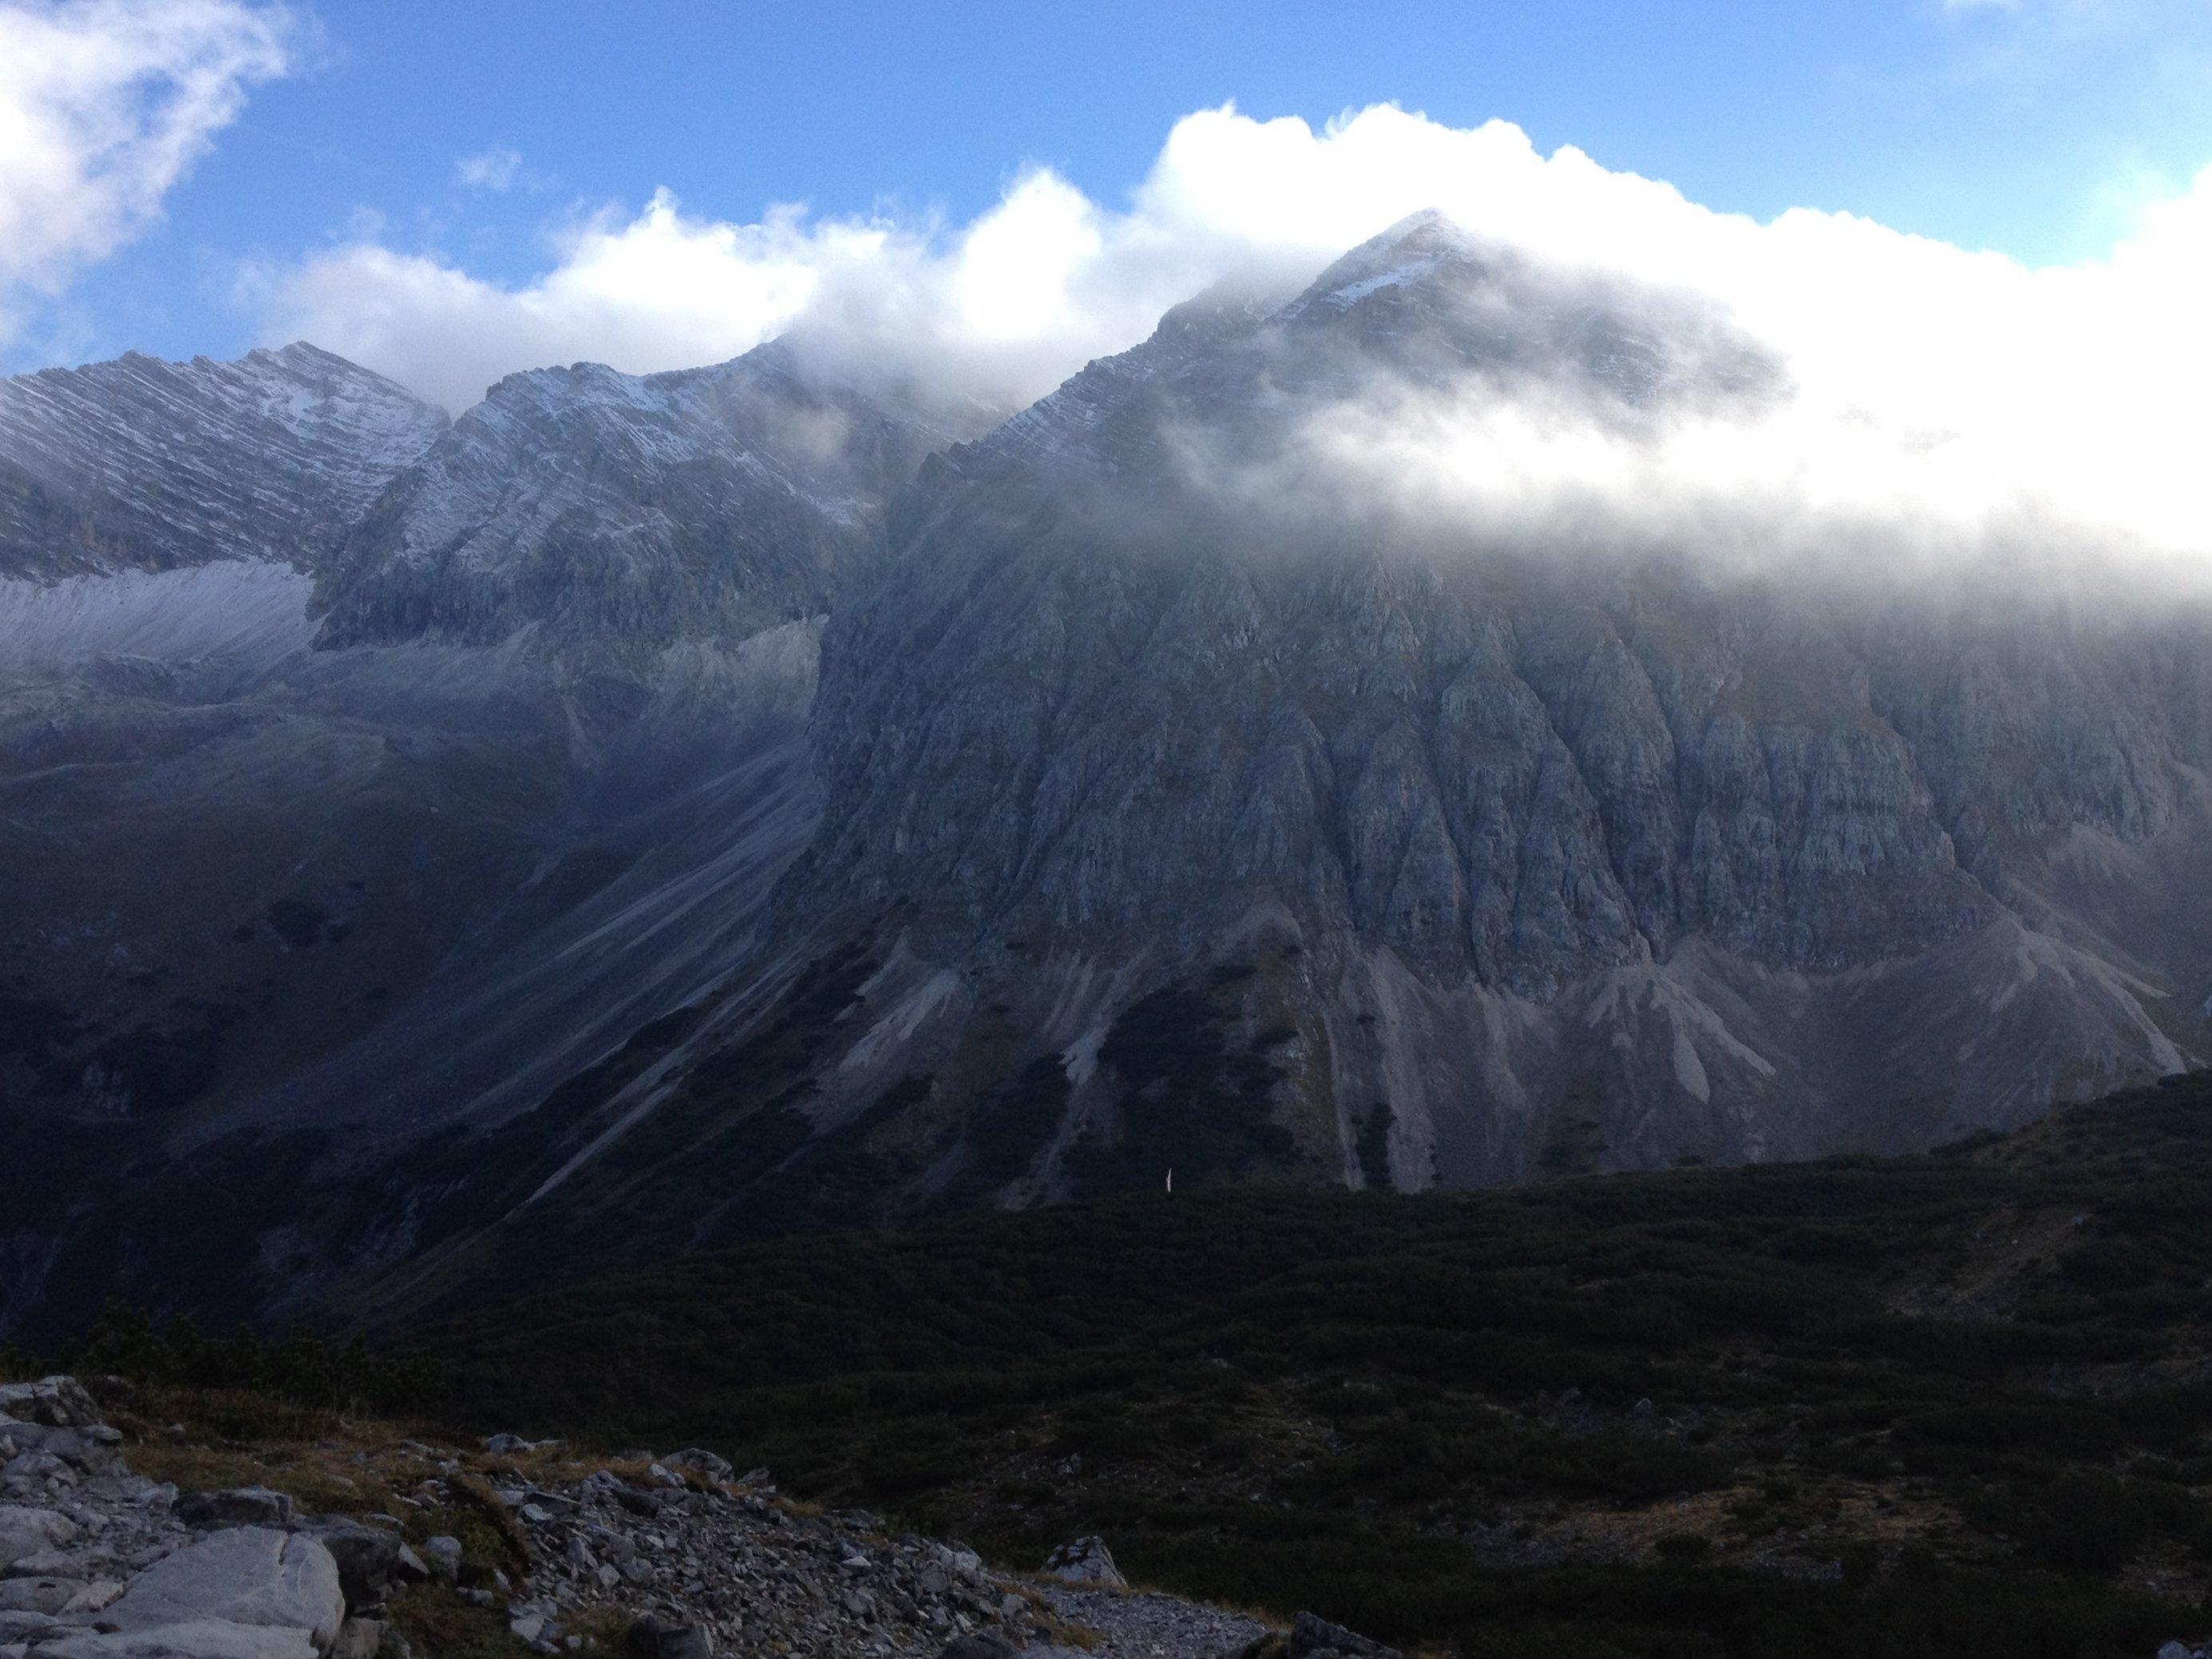 Berglandschaft im Karwendel in Wolken.